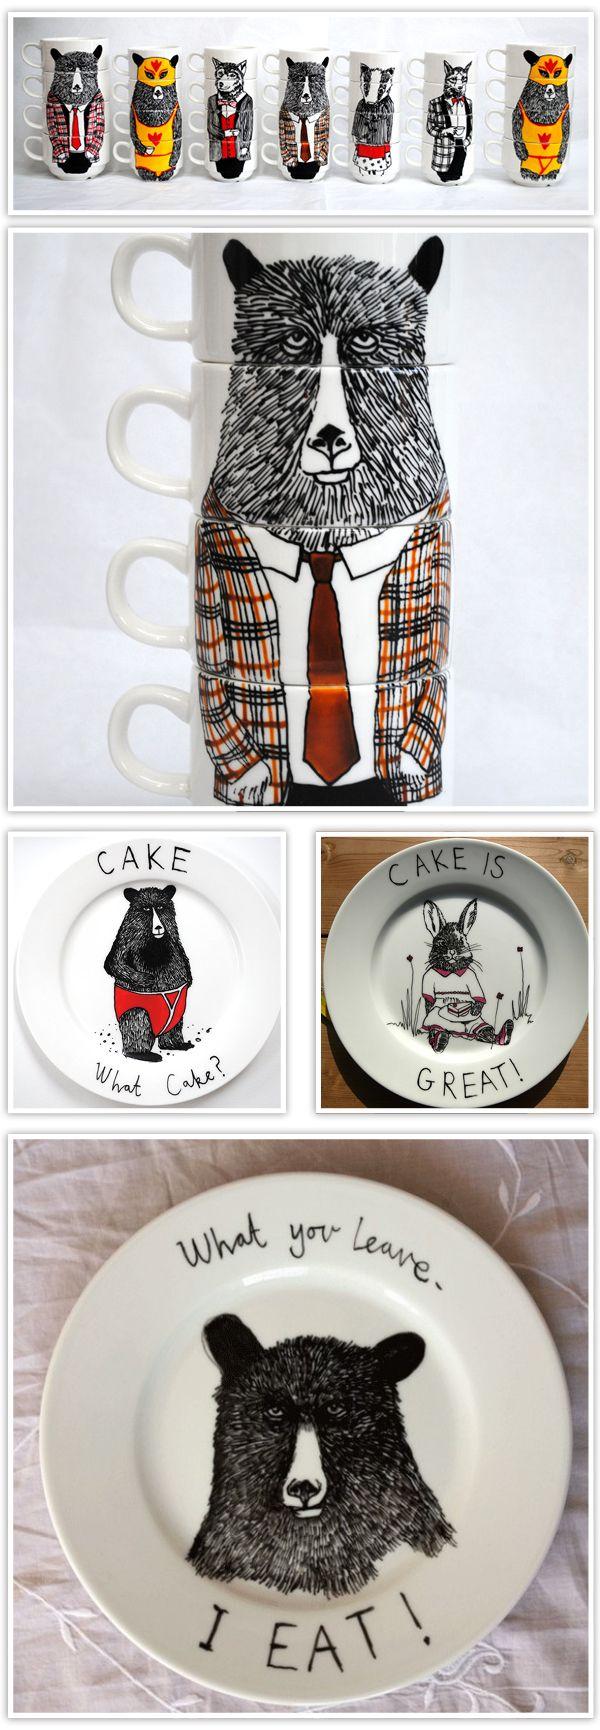 Pin von Gingered Things - DIY Inspiration: Basteln, Deko, Geschenke ...